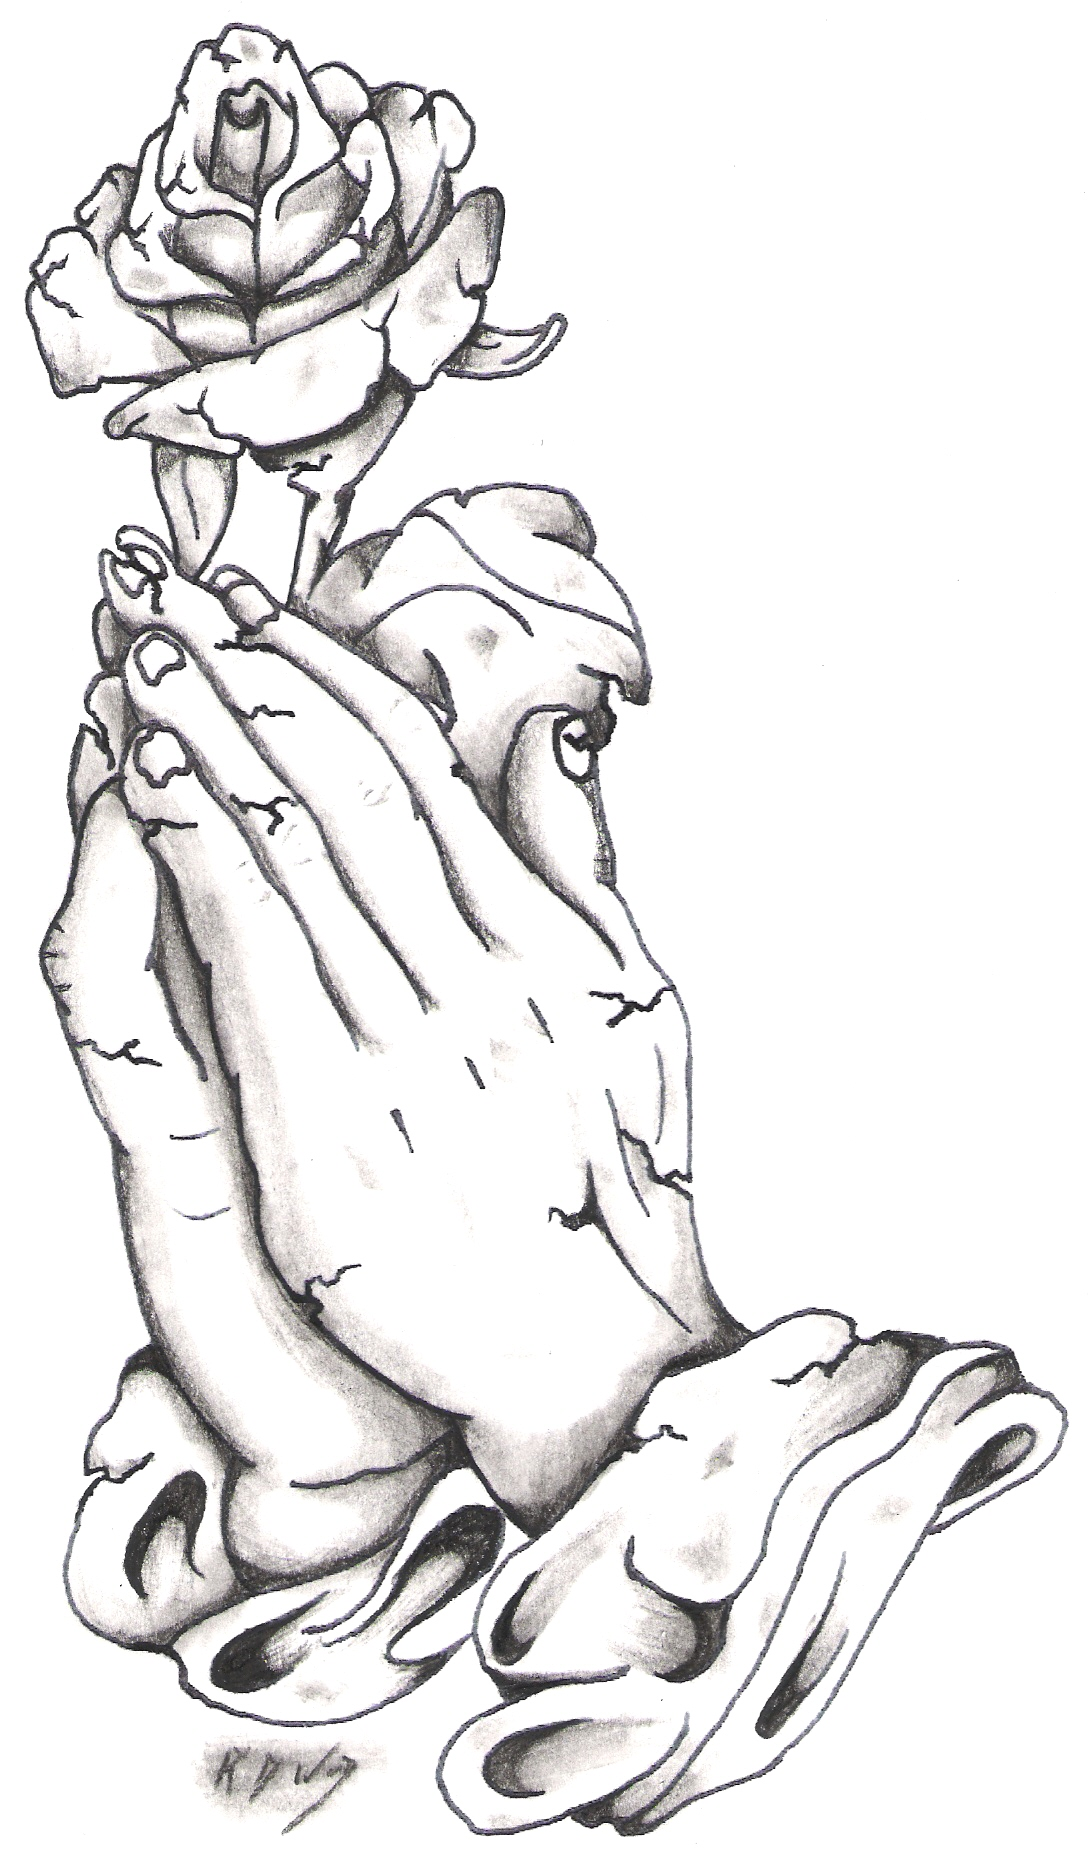 Free Praying Hands Image Download Free Clip Art Free